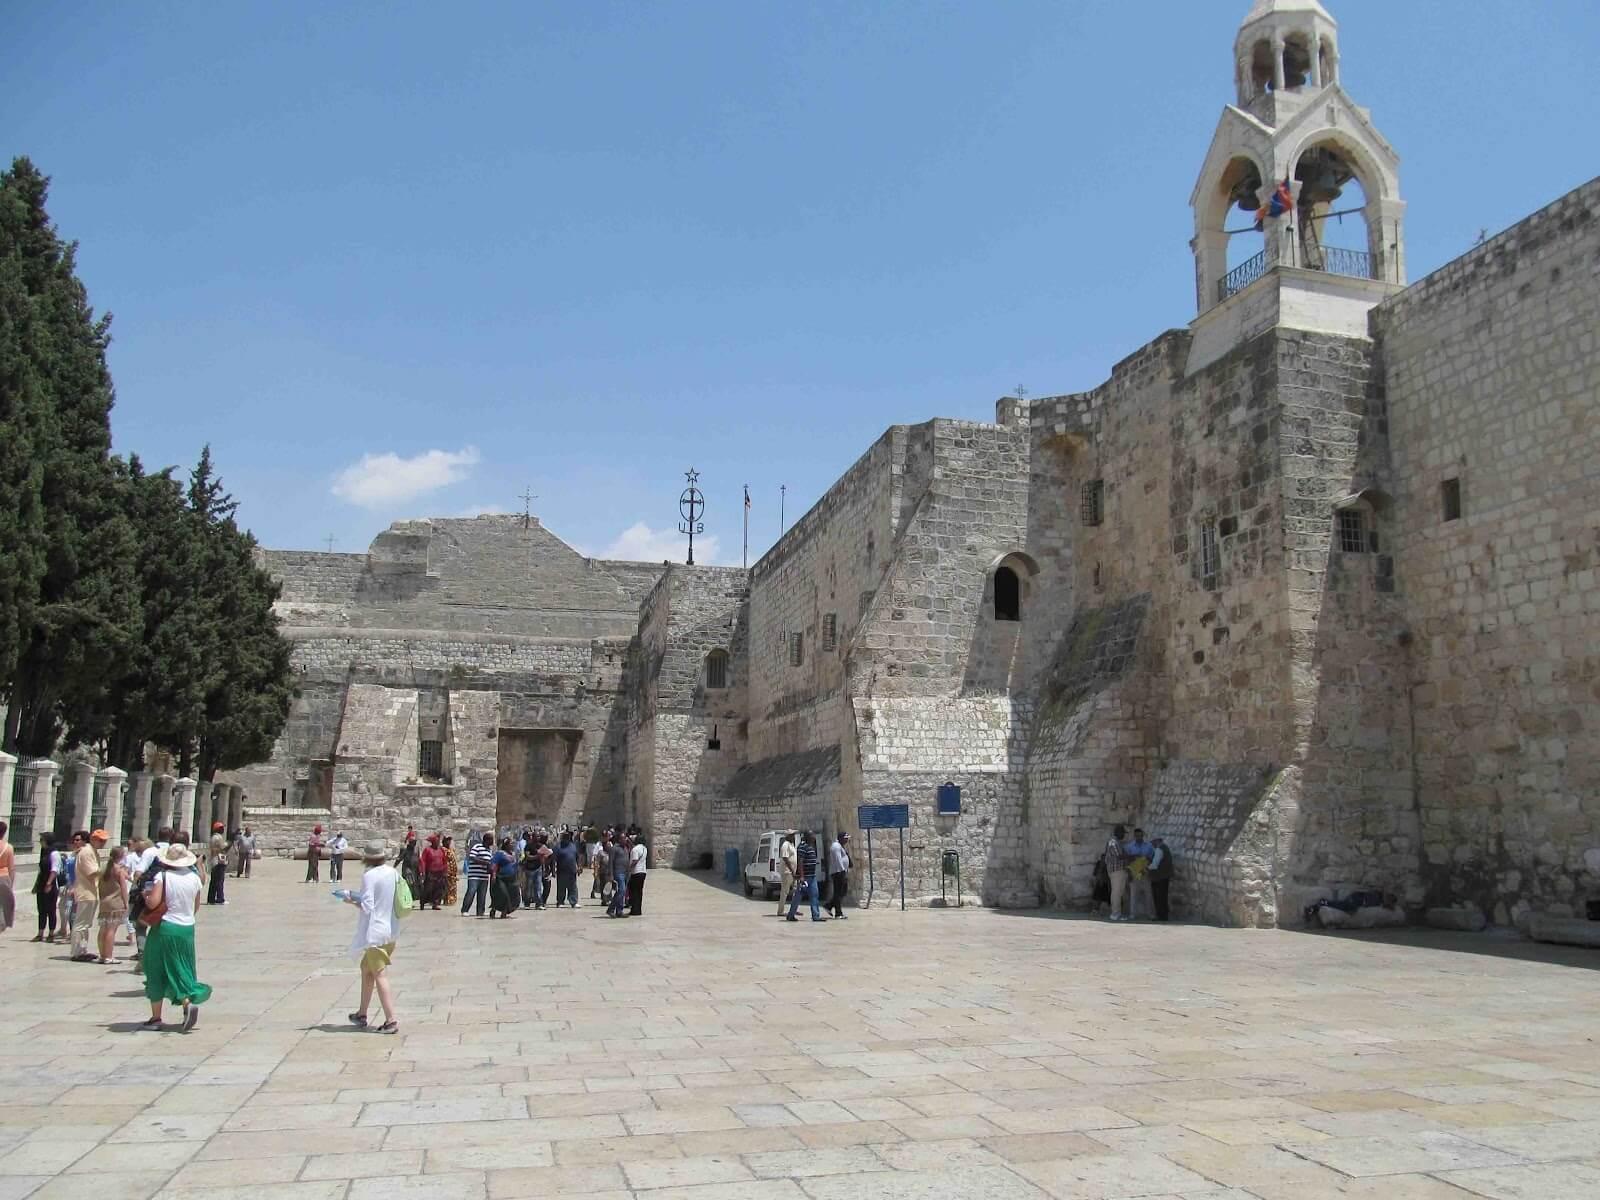 El Comité del Patrimonio Mundial de la Unesco decidió retirar de la Lista del Patrimonio Mundial en Peligro a la Basílica de la Natividad y la Ruta de Peregrinación en Belén tras siete años de esfuerzos de restauración y conservación.